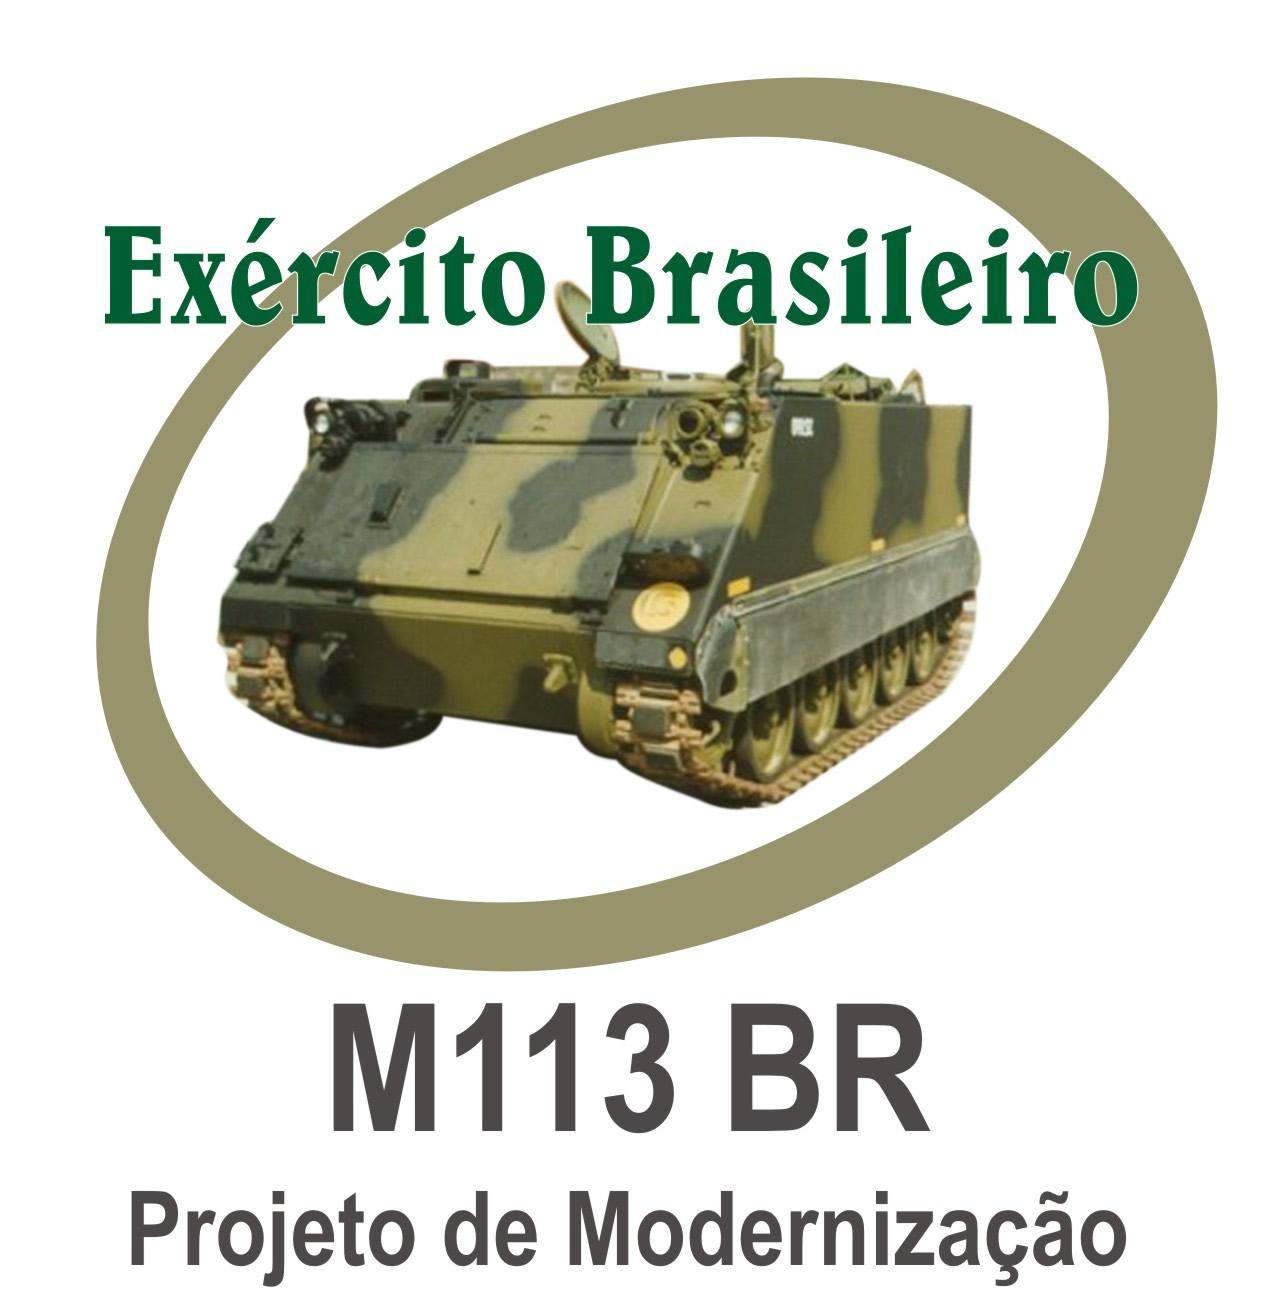 https://i1.wp.com/www.forte.jor.br/wp-content/uploads/2009/02/m113br.jpg